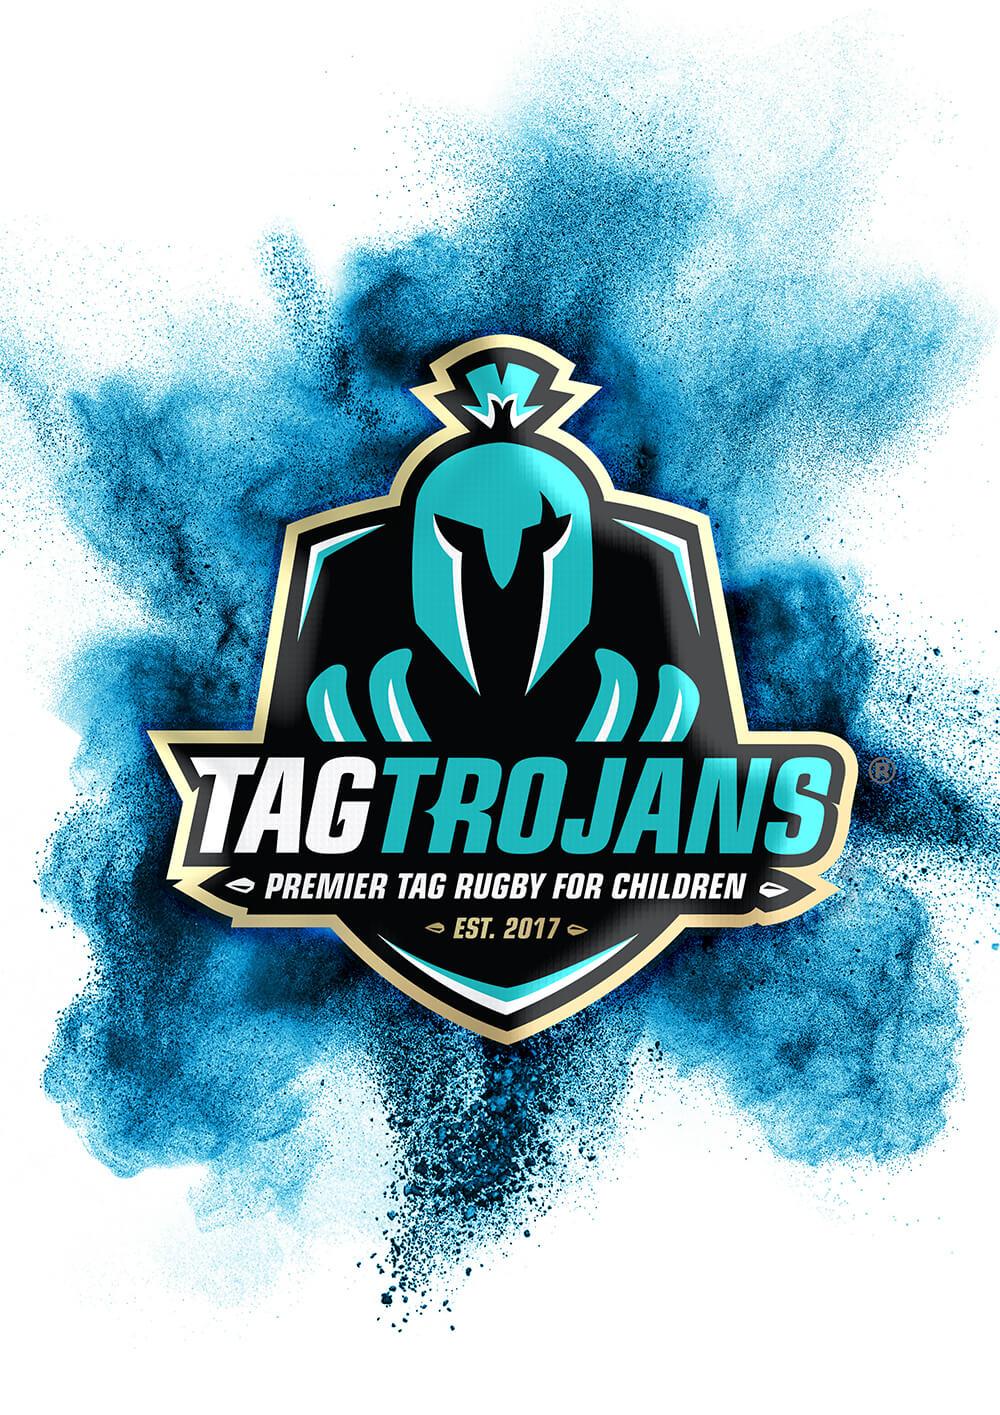 Tag Trojans